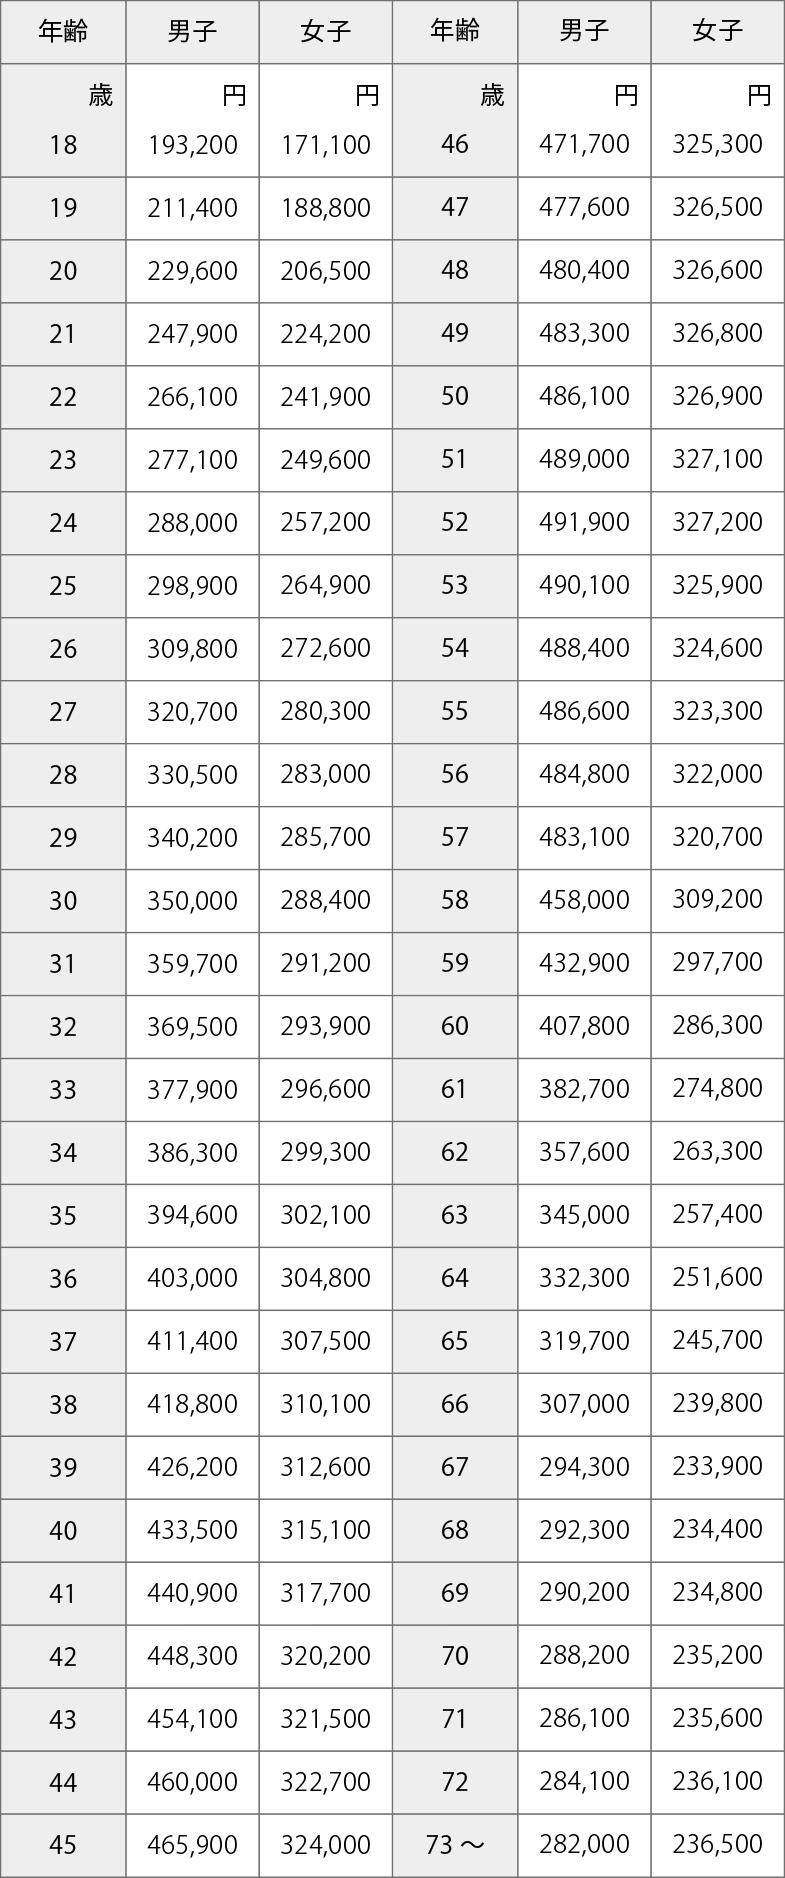 別表Ⅳ 年齢別平均給与額(平均月額)